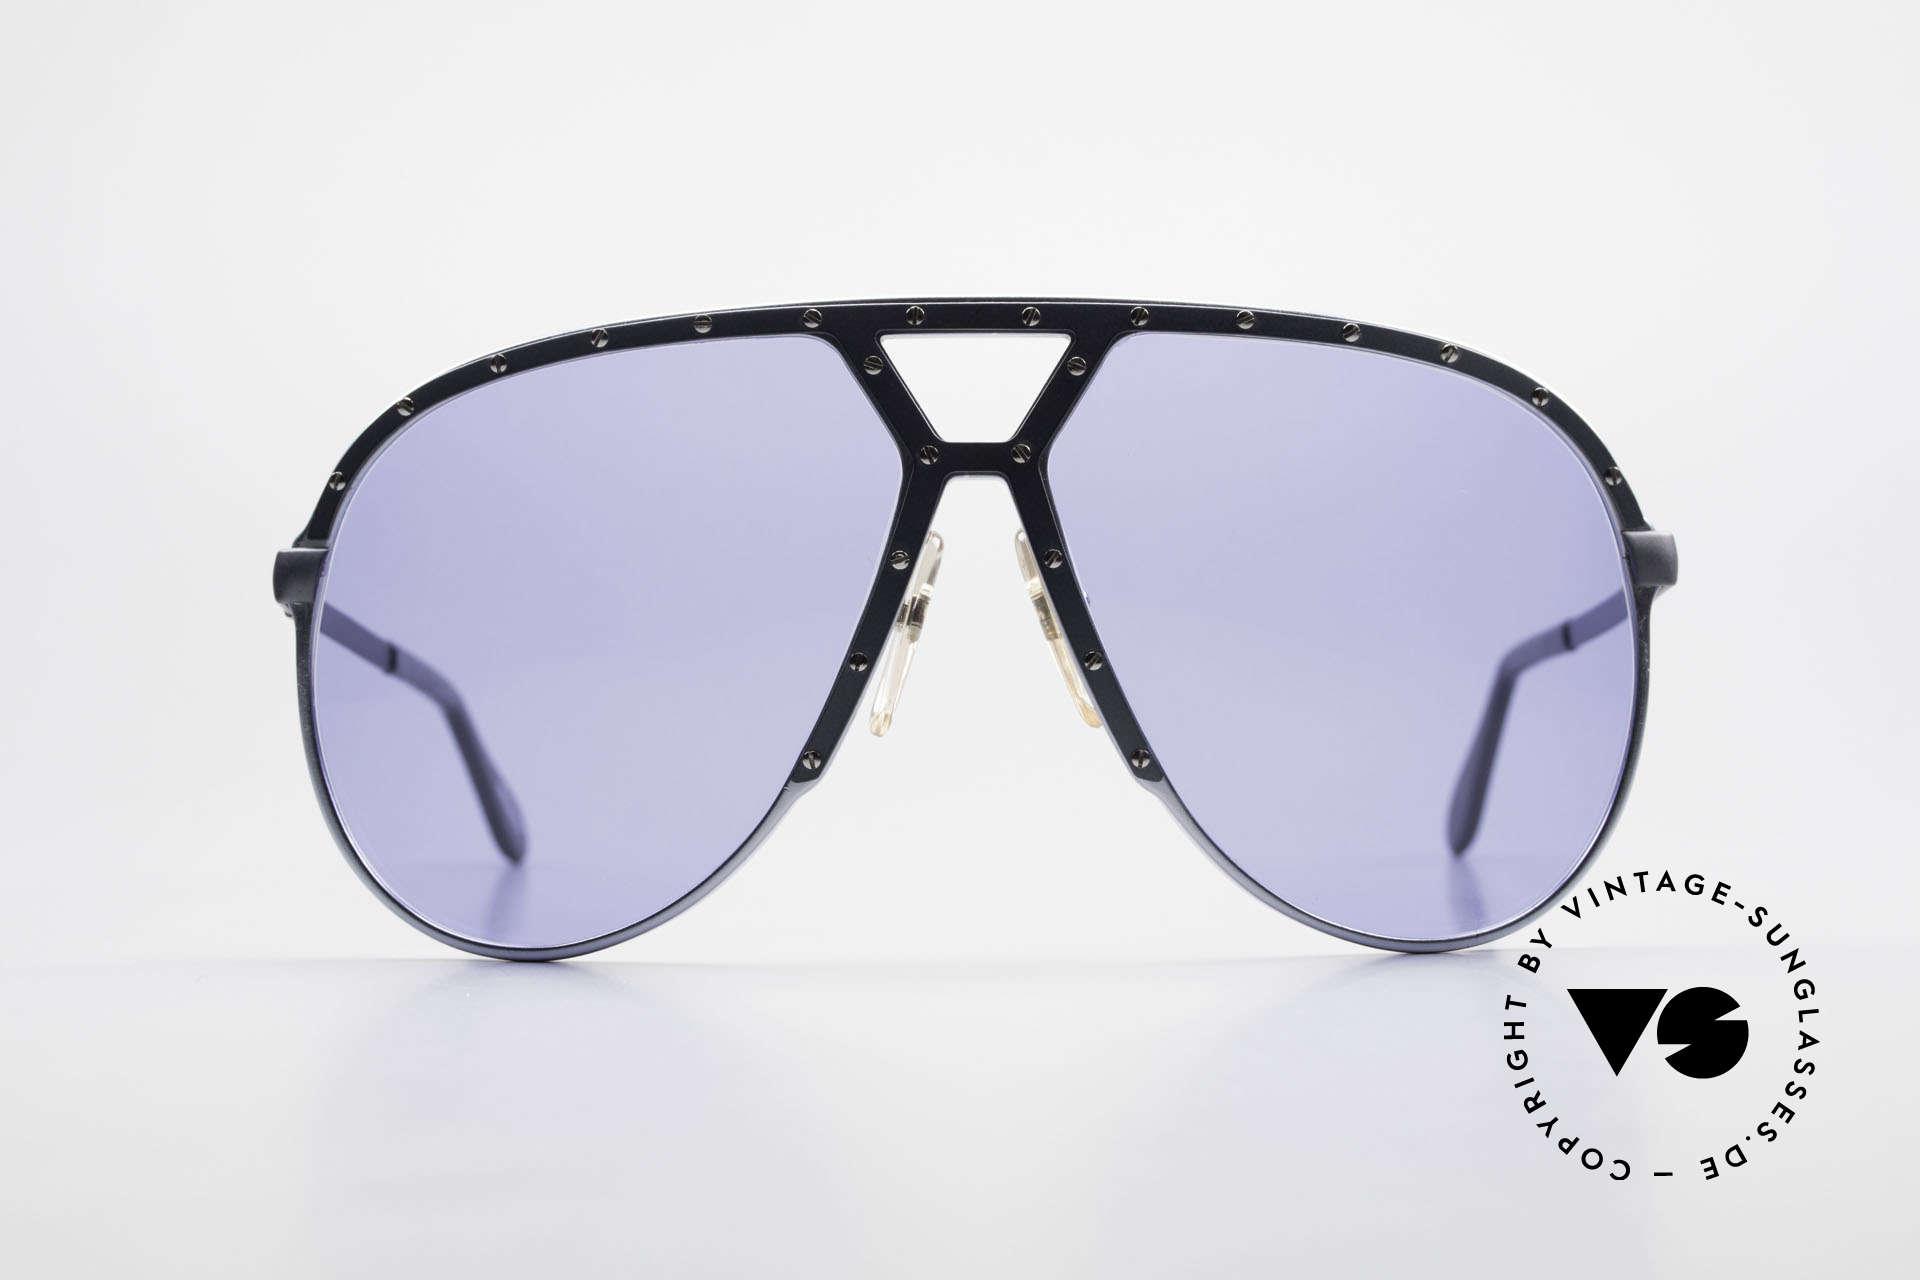 Alpina M1 Alte M1 Sonnenbrille Von 1981, eine echte Rarität in BLAU-GRAU metallic / silber, Passend für Herren